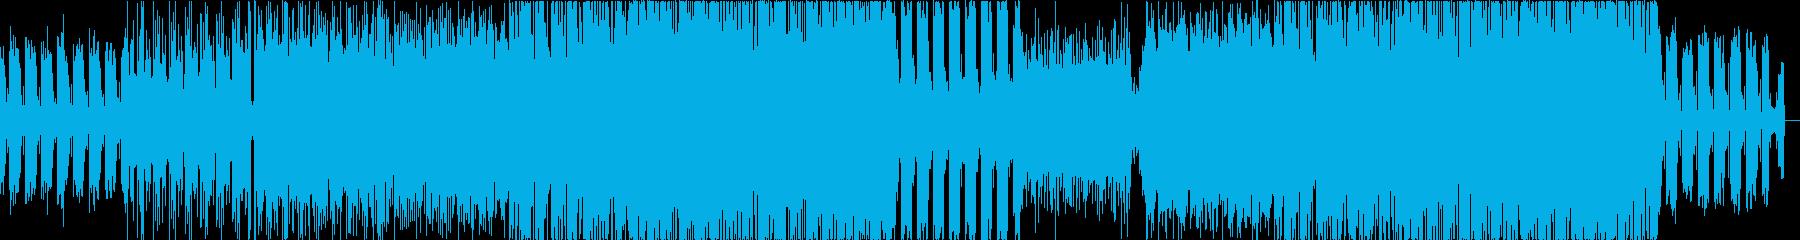 オシャレ、エレクトロ、動画などにの再生済みの波形